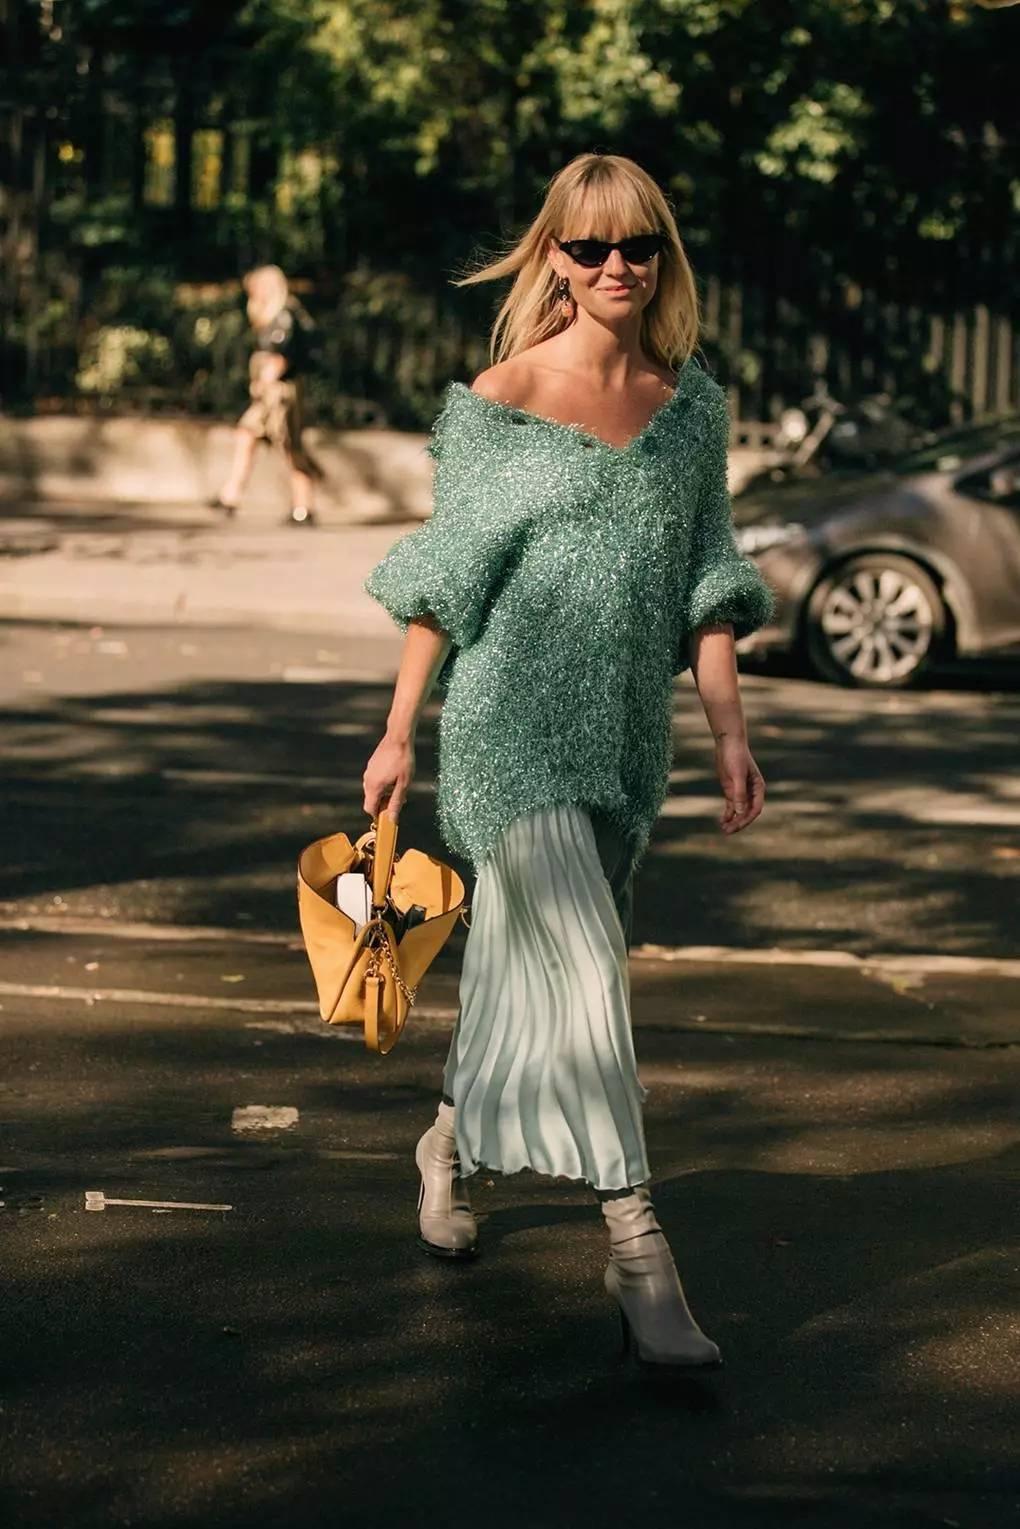 大毛衣+半裙 2020的气质通勤装就靠它了! 时尚家庭 第7张